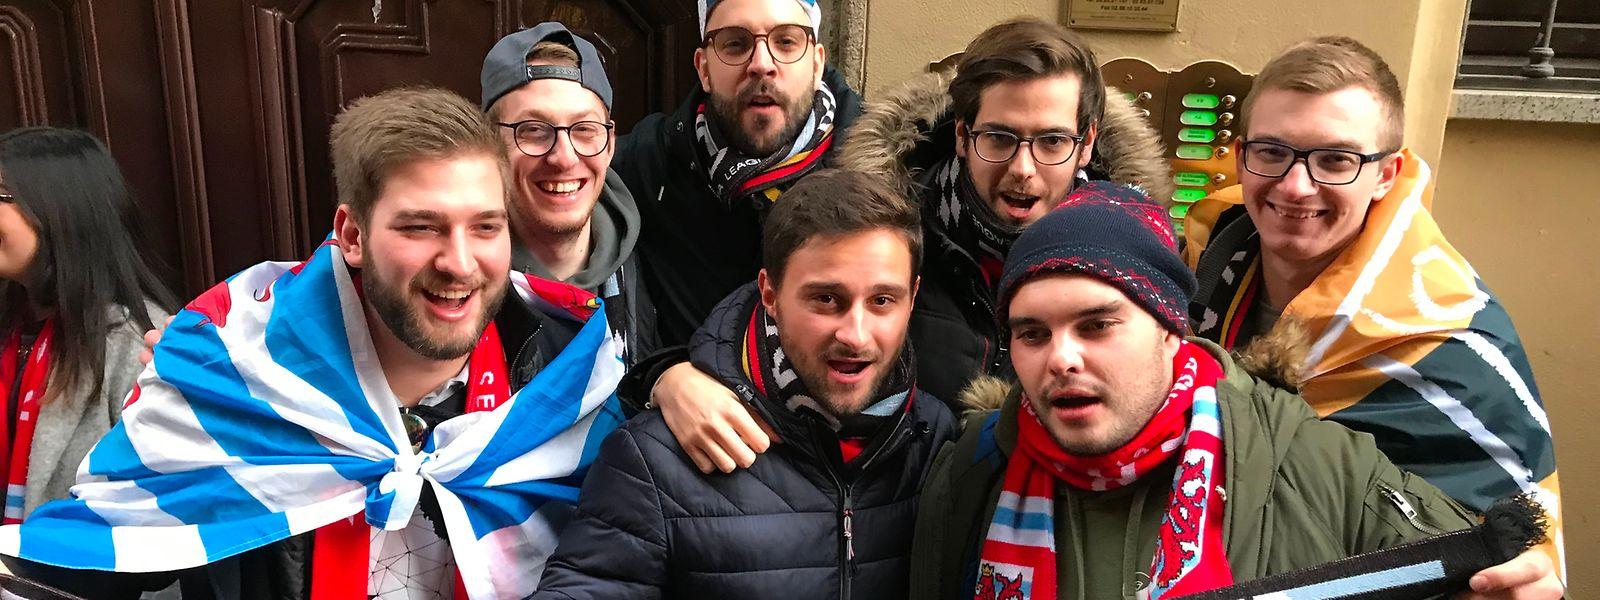 Die Düdelinger Fans stimmen sich in einem Mailänder Pub auf das Spiel im San-Siro-Stadion ein.